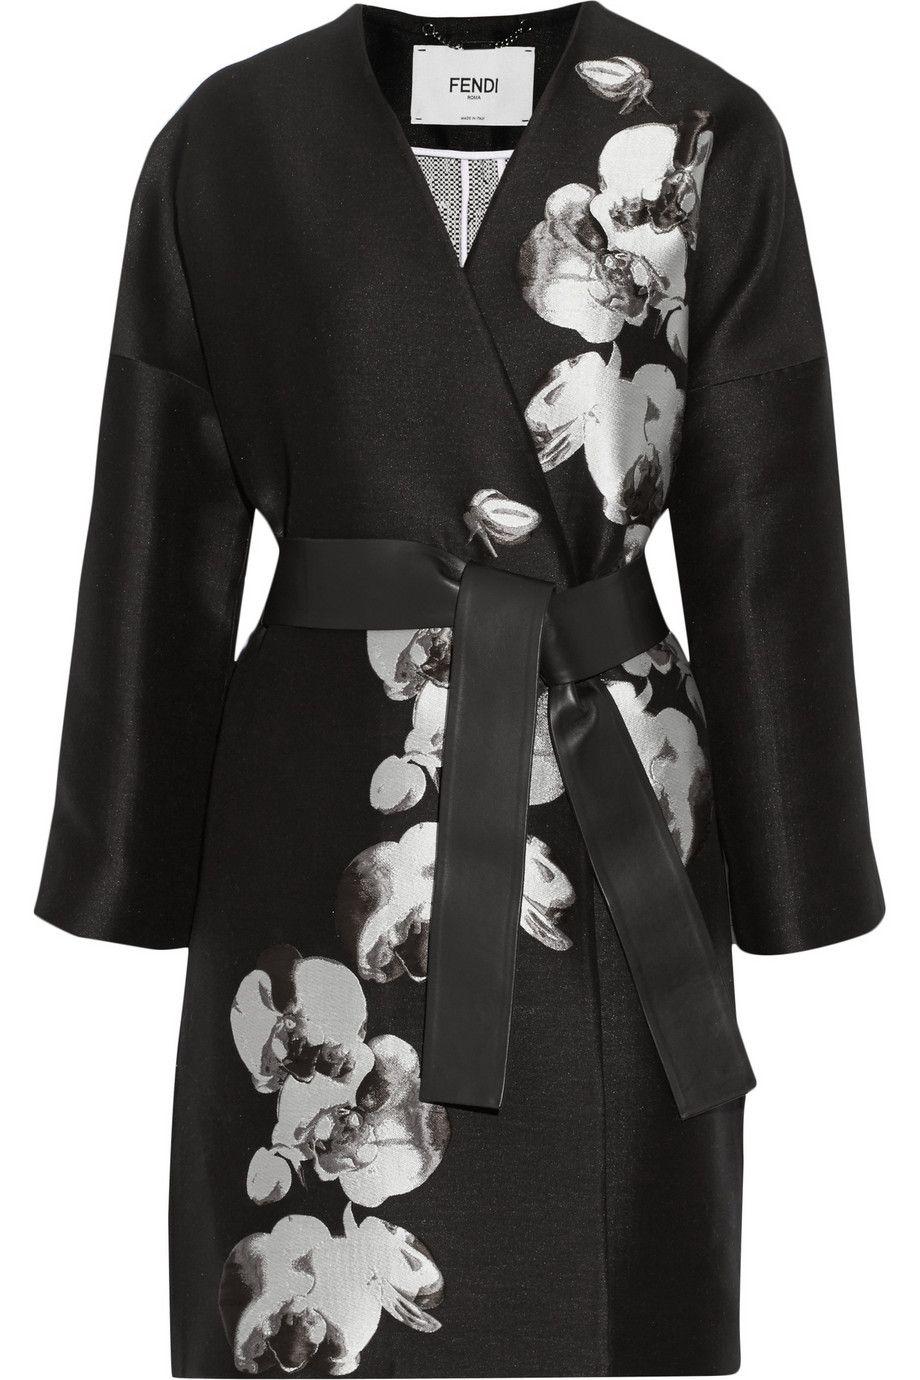 Fendi|Orchid jacquard and tweed coat|NET-A-PORTER.COM